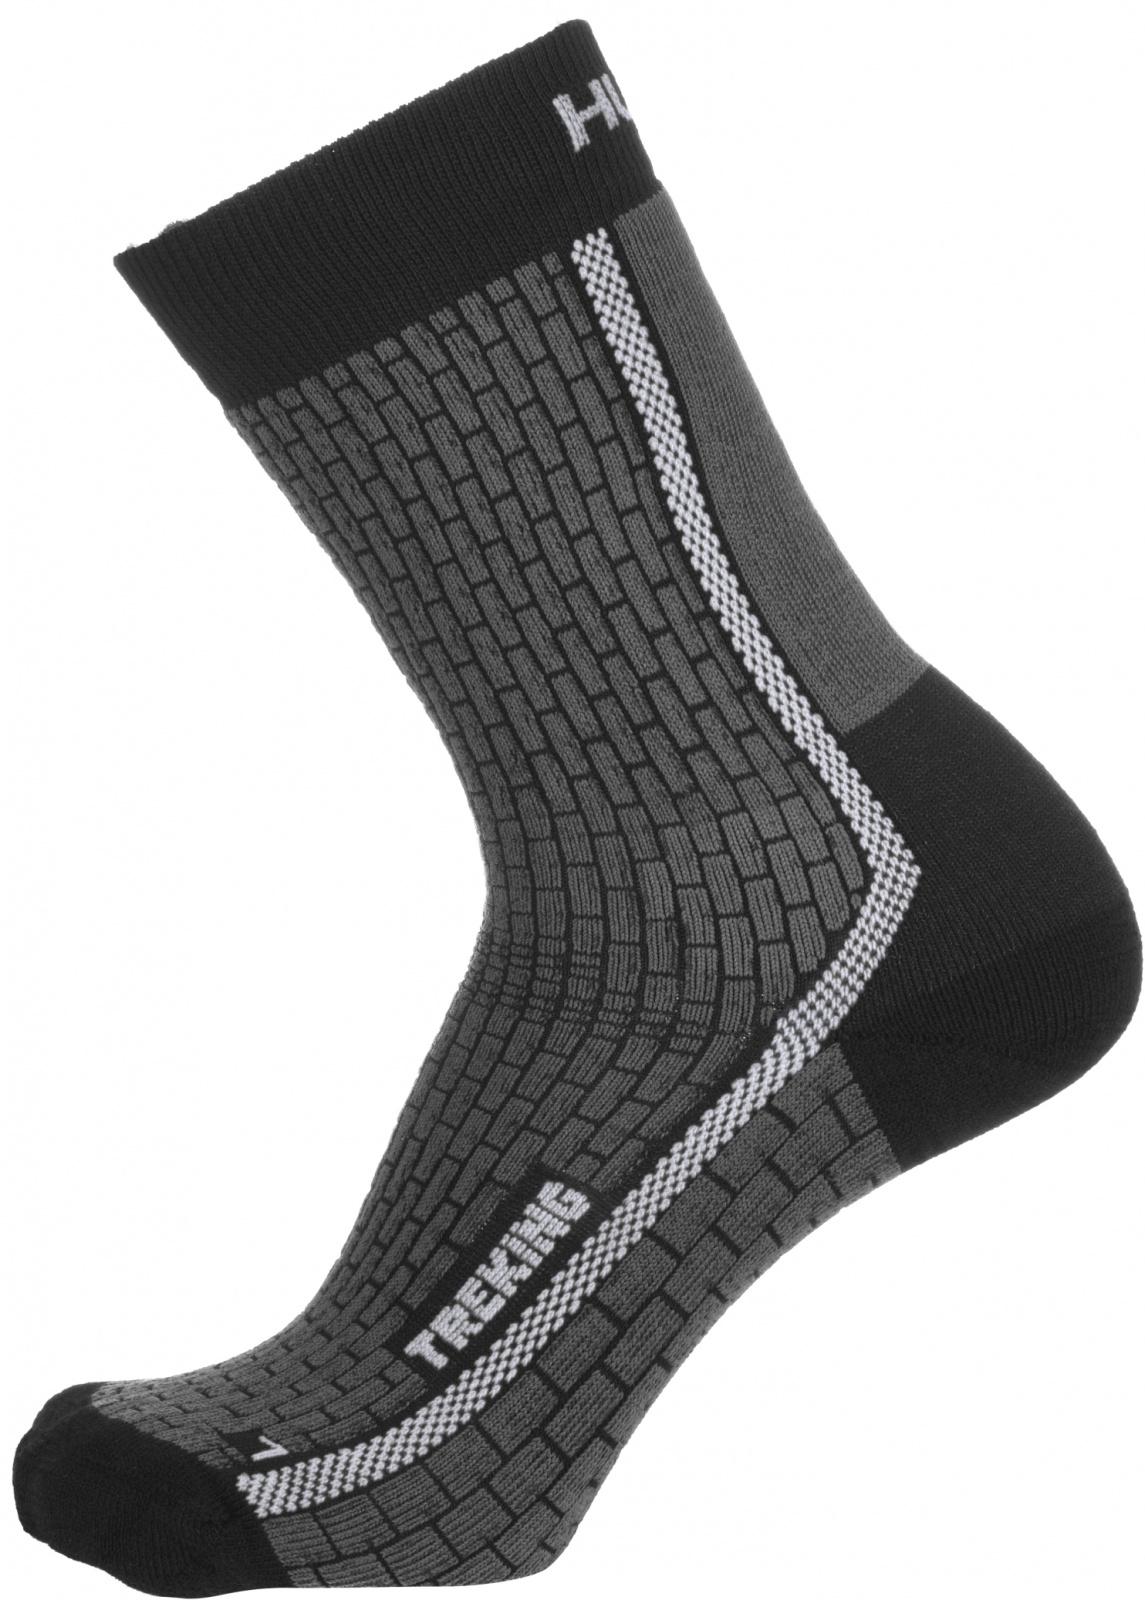 Husky Ponožky Treking antracit/šedá Velikost: M (36-40) ponožky